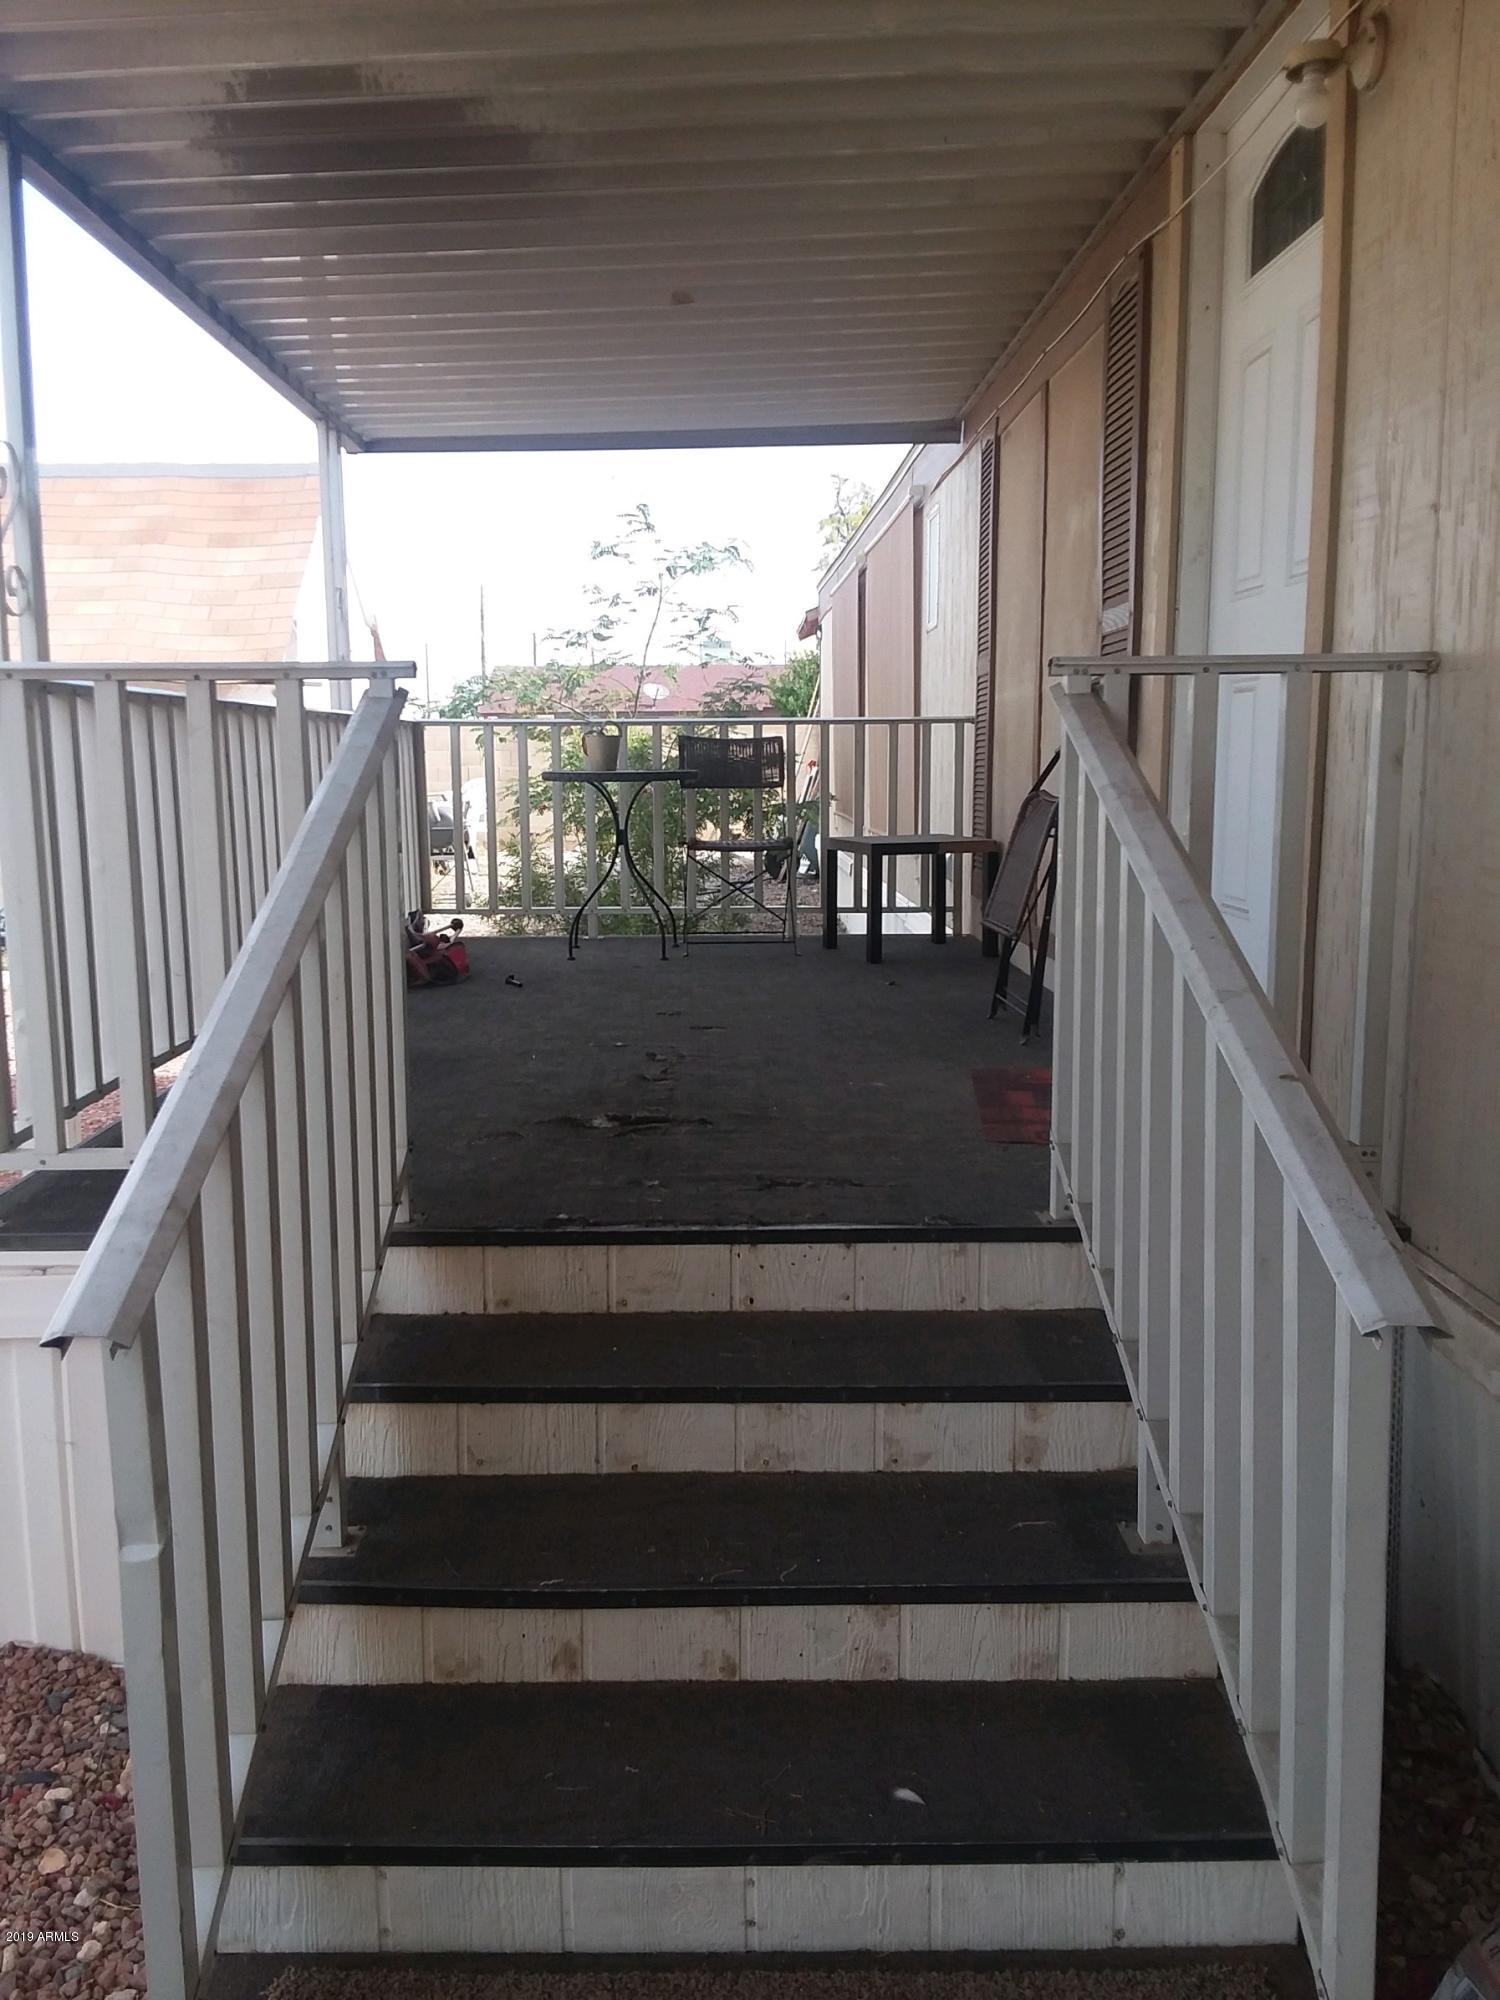 MLS 5926516 12721 W Greenway Road Unit 72, El Mirage, AZ 85335 El Mirage AZ Affordable